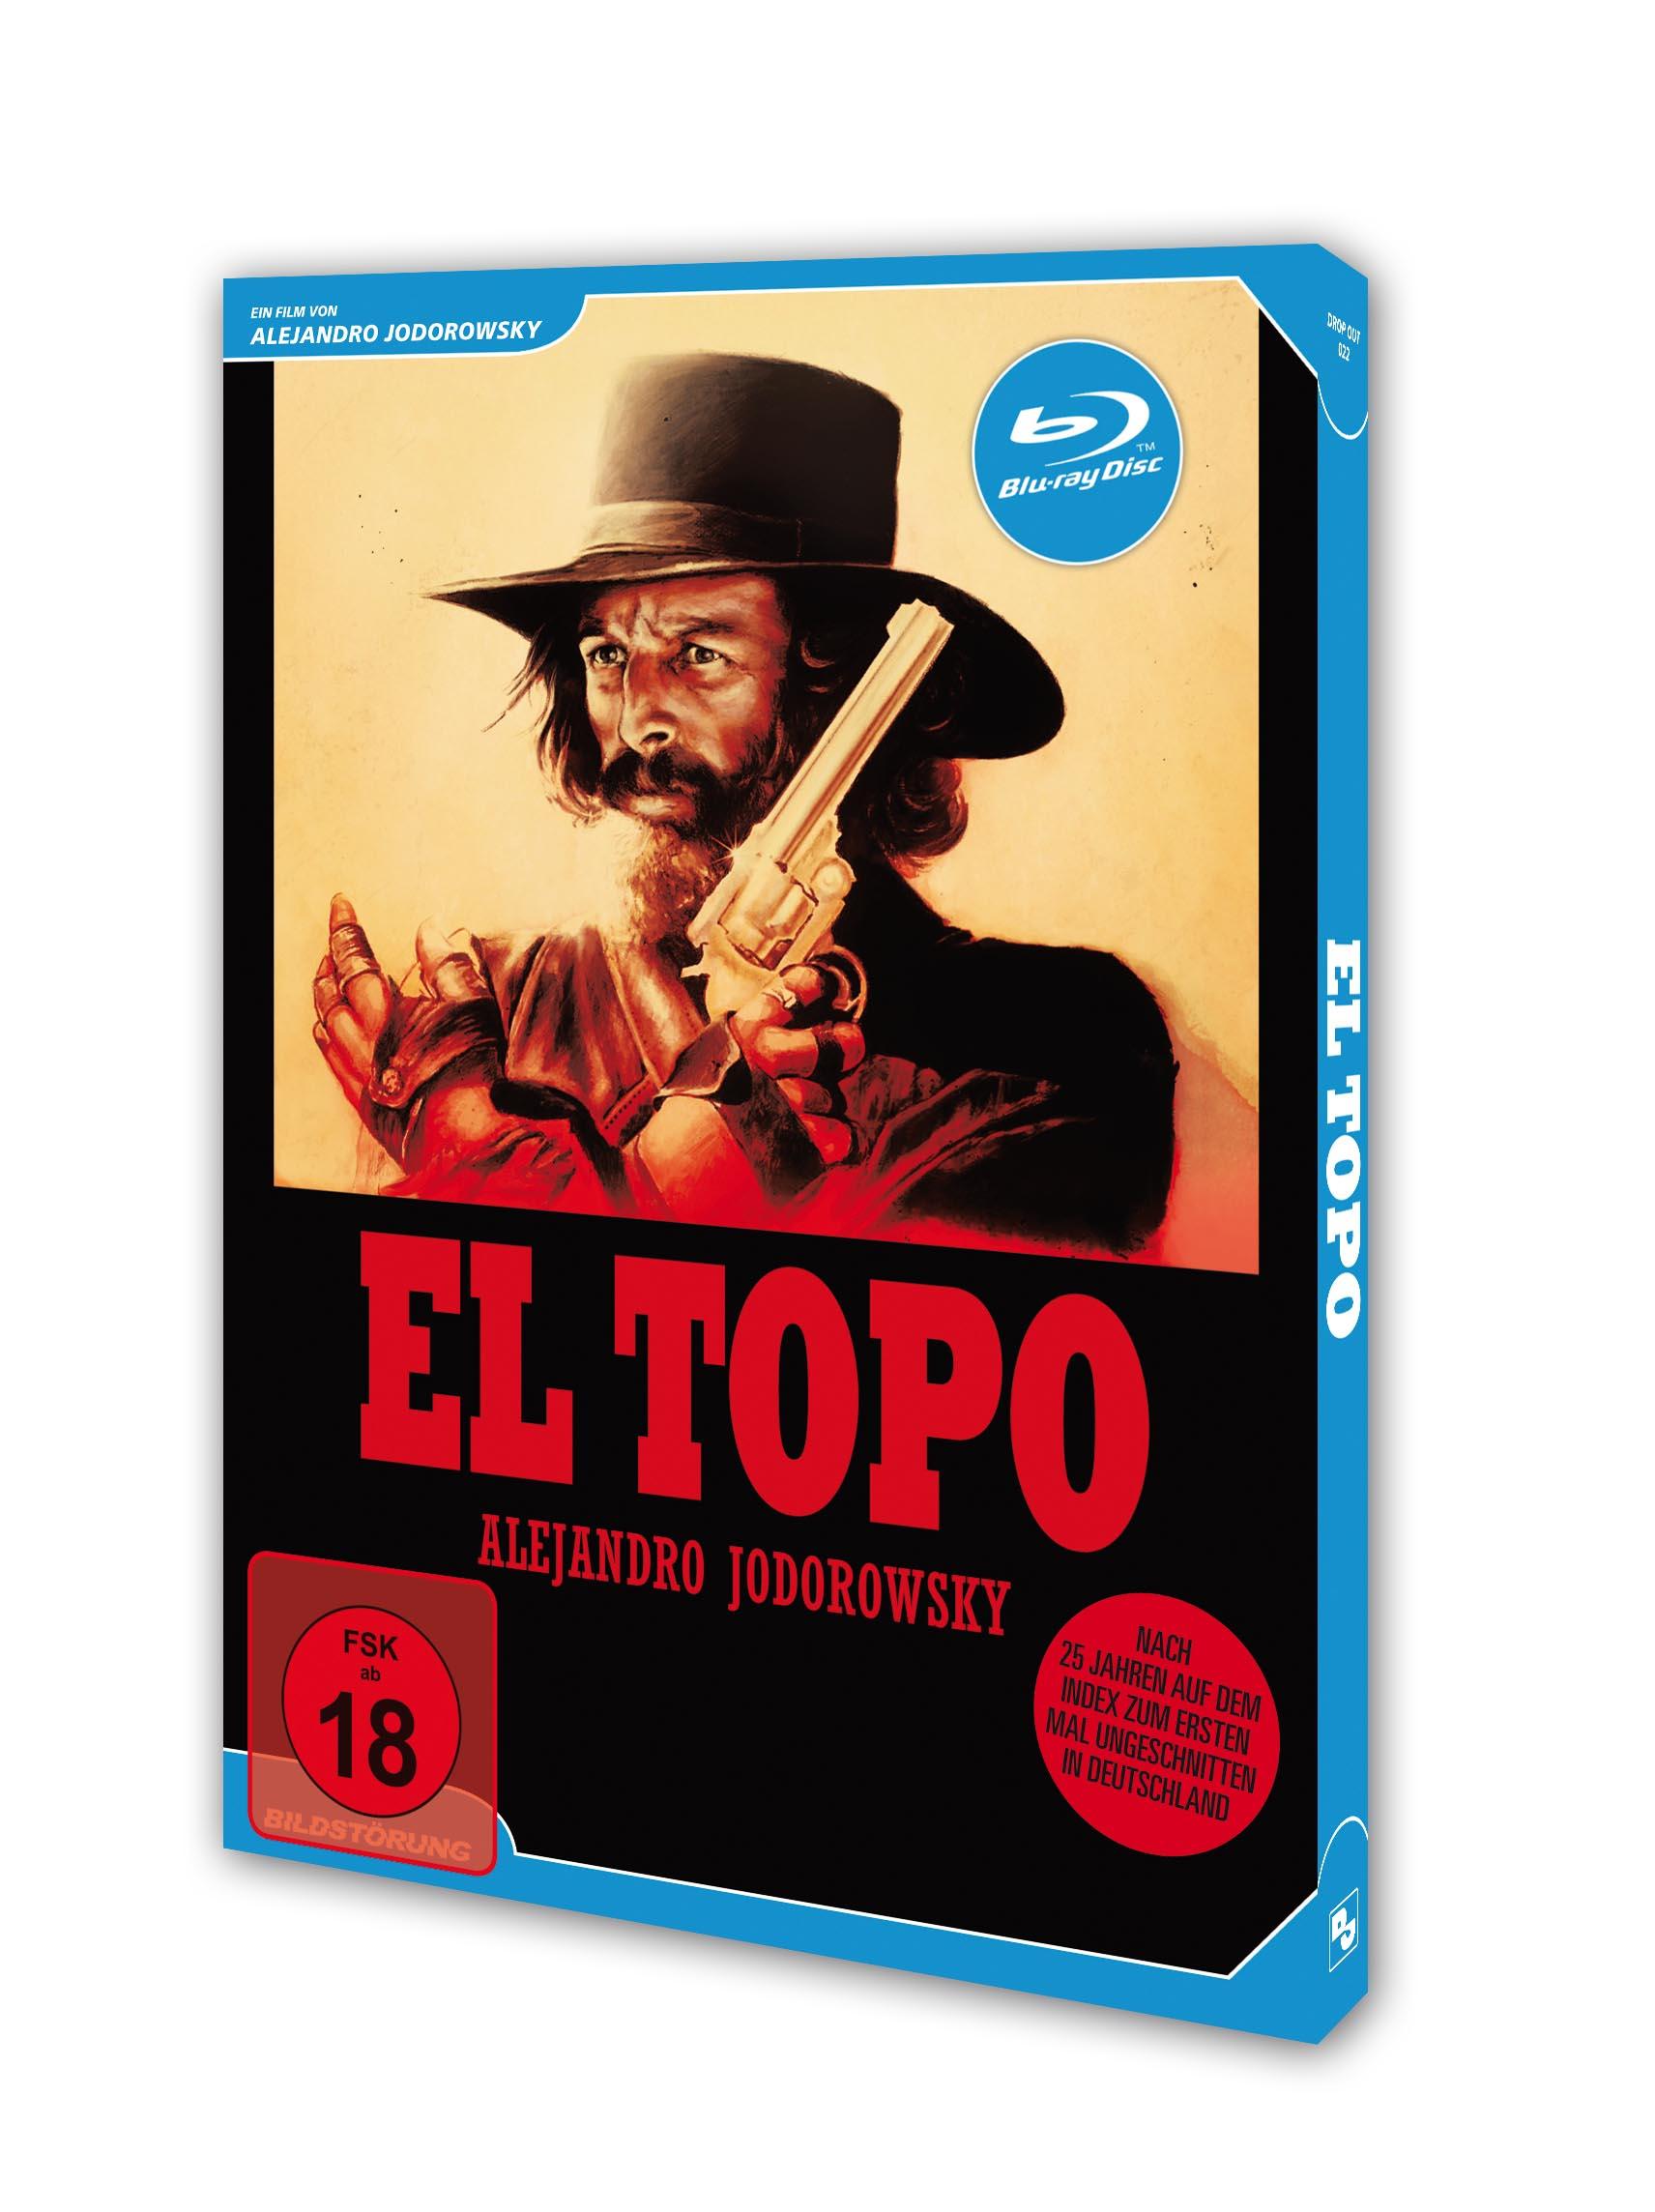 EL TOPO Blu-ray Packshot